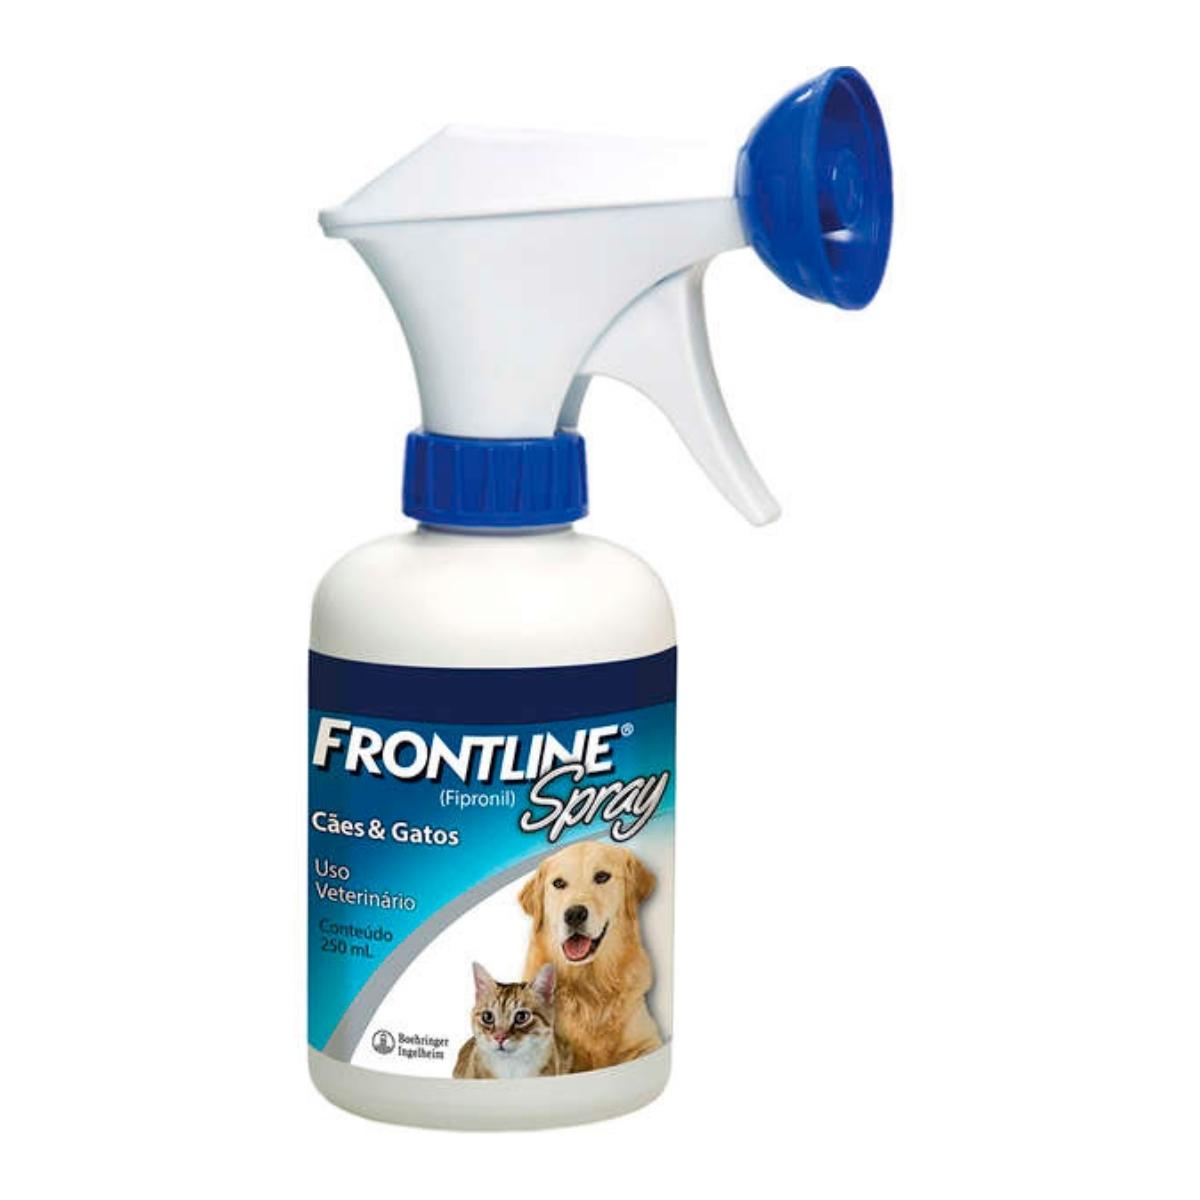 Frontline 250ml Spray para Caes e Gatos